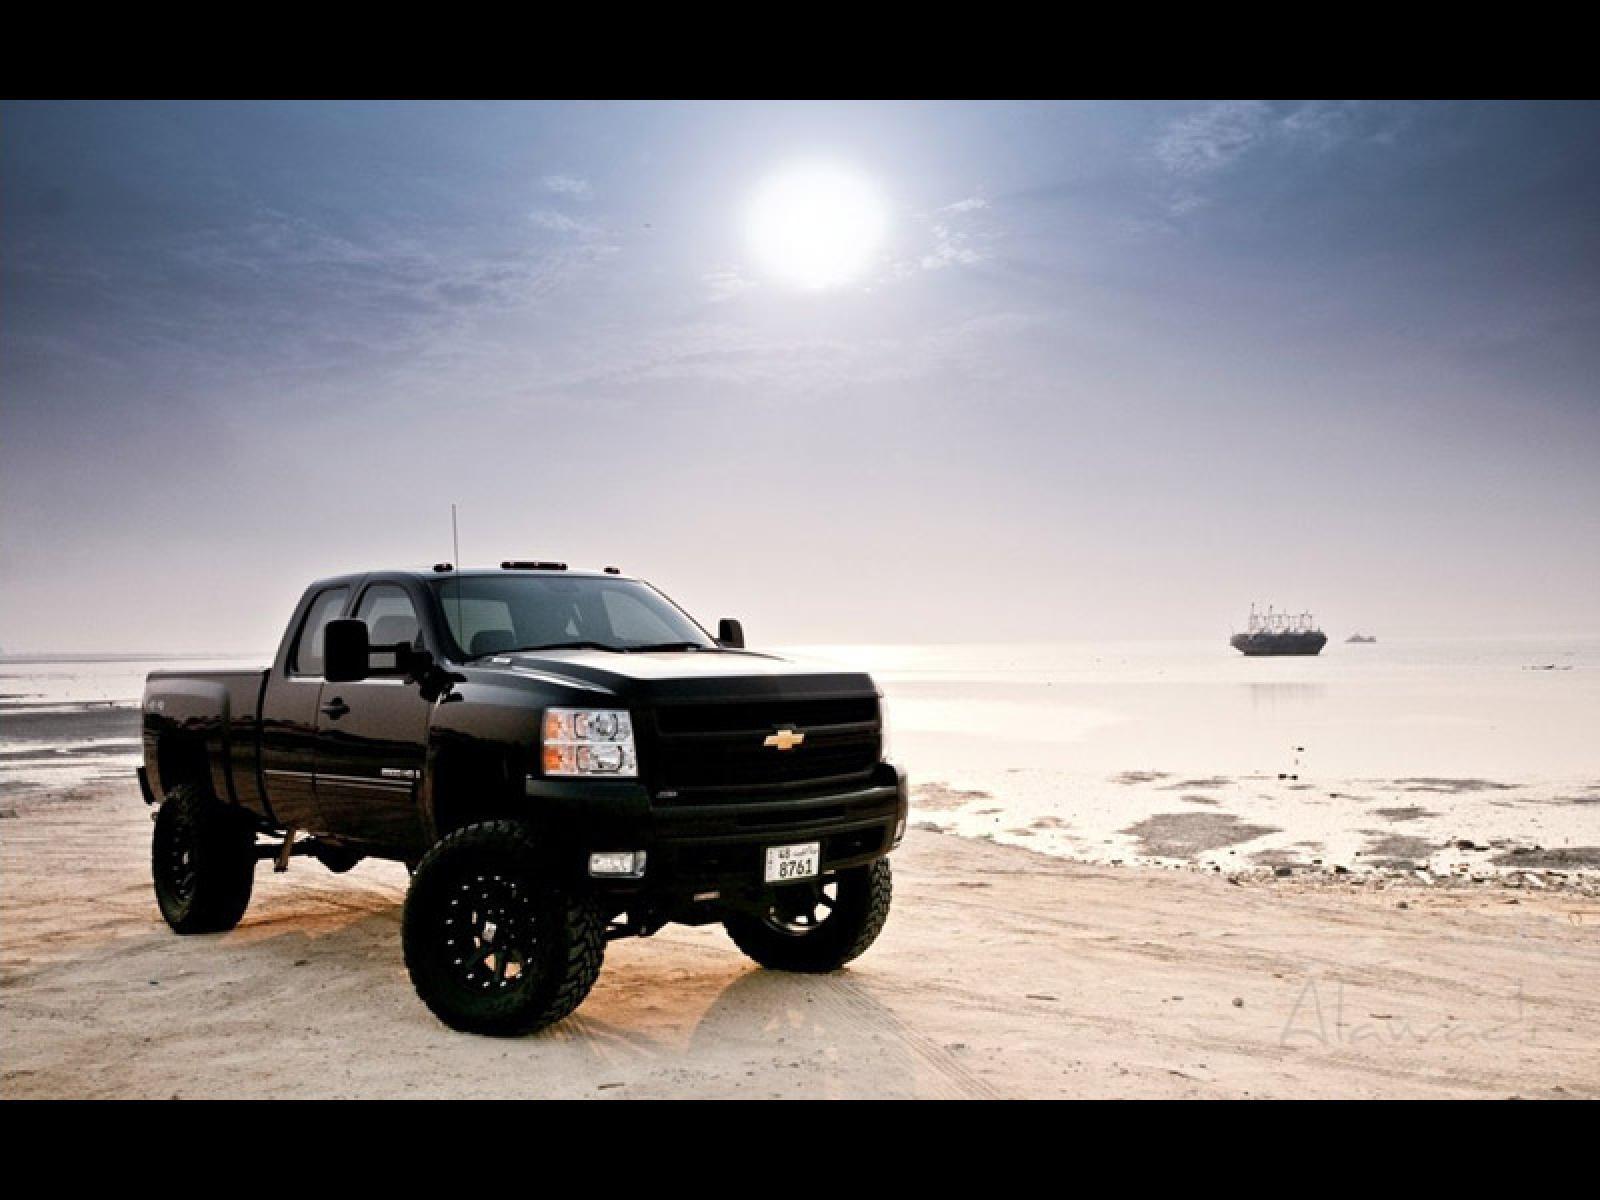 800 1024 1280 1600 origin 2009 Chevrolet Silverado 2500HD ...